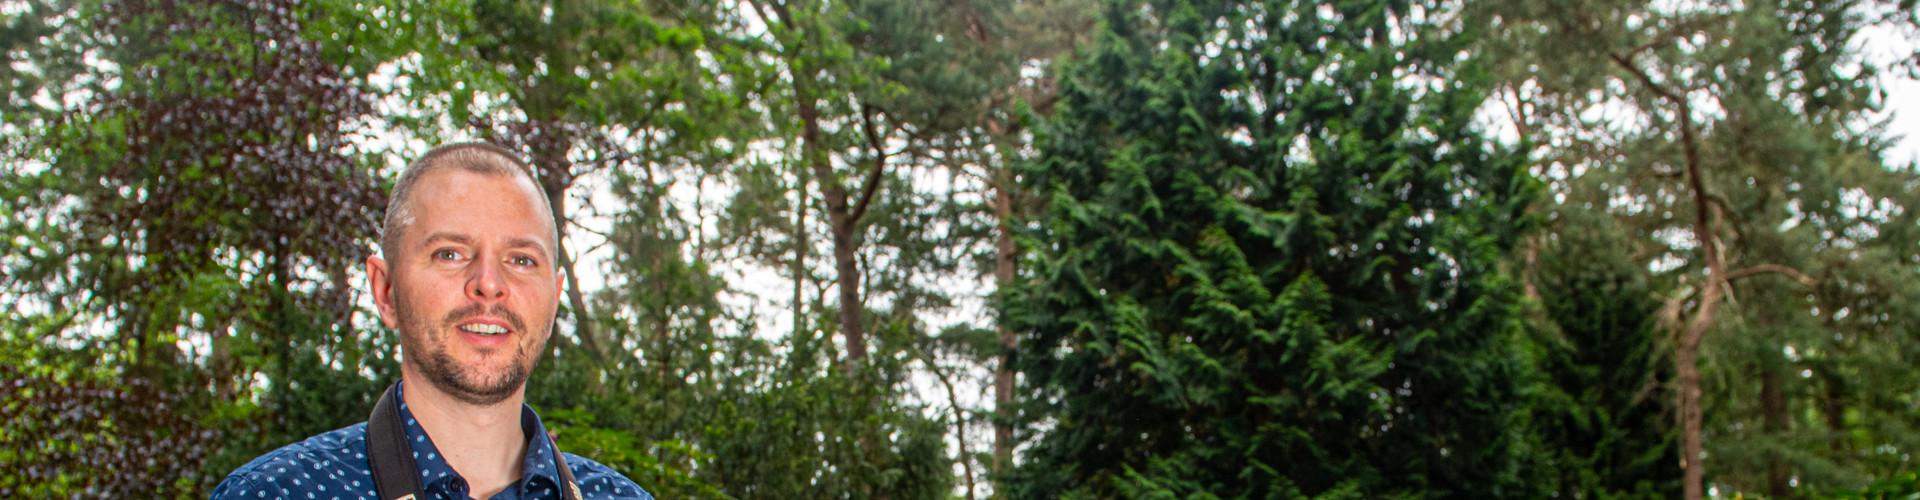 Vogelwachter Adriaan vogels spotten vogelaar Rusthof